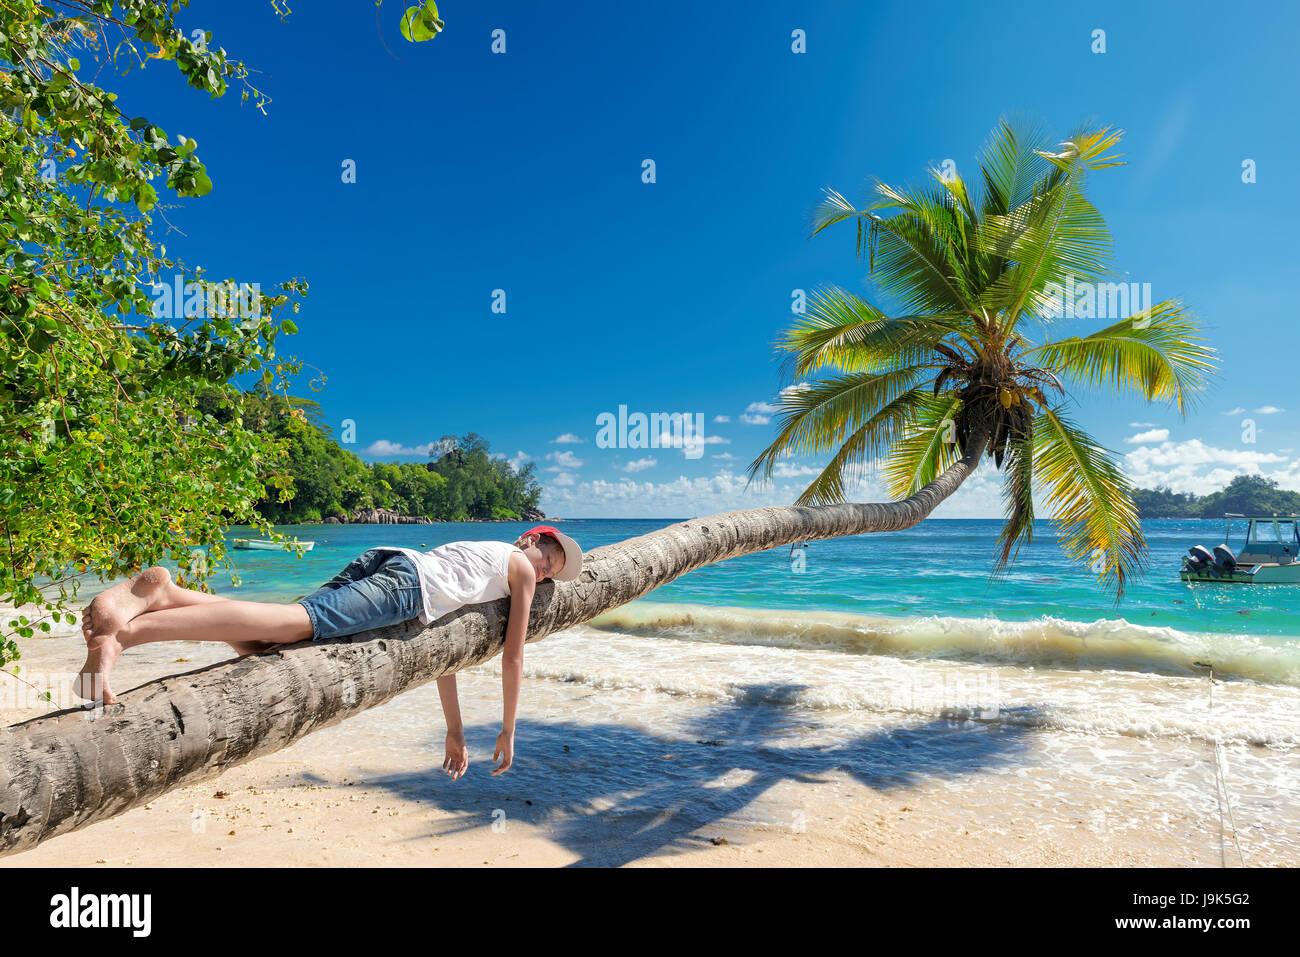 Süsser Boy ruht auf einer Palme auf der tropischen Insel auf Vacation? liegend Stockbild